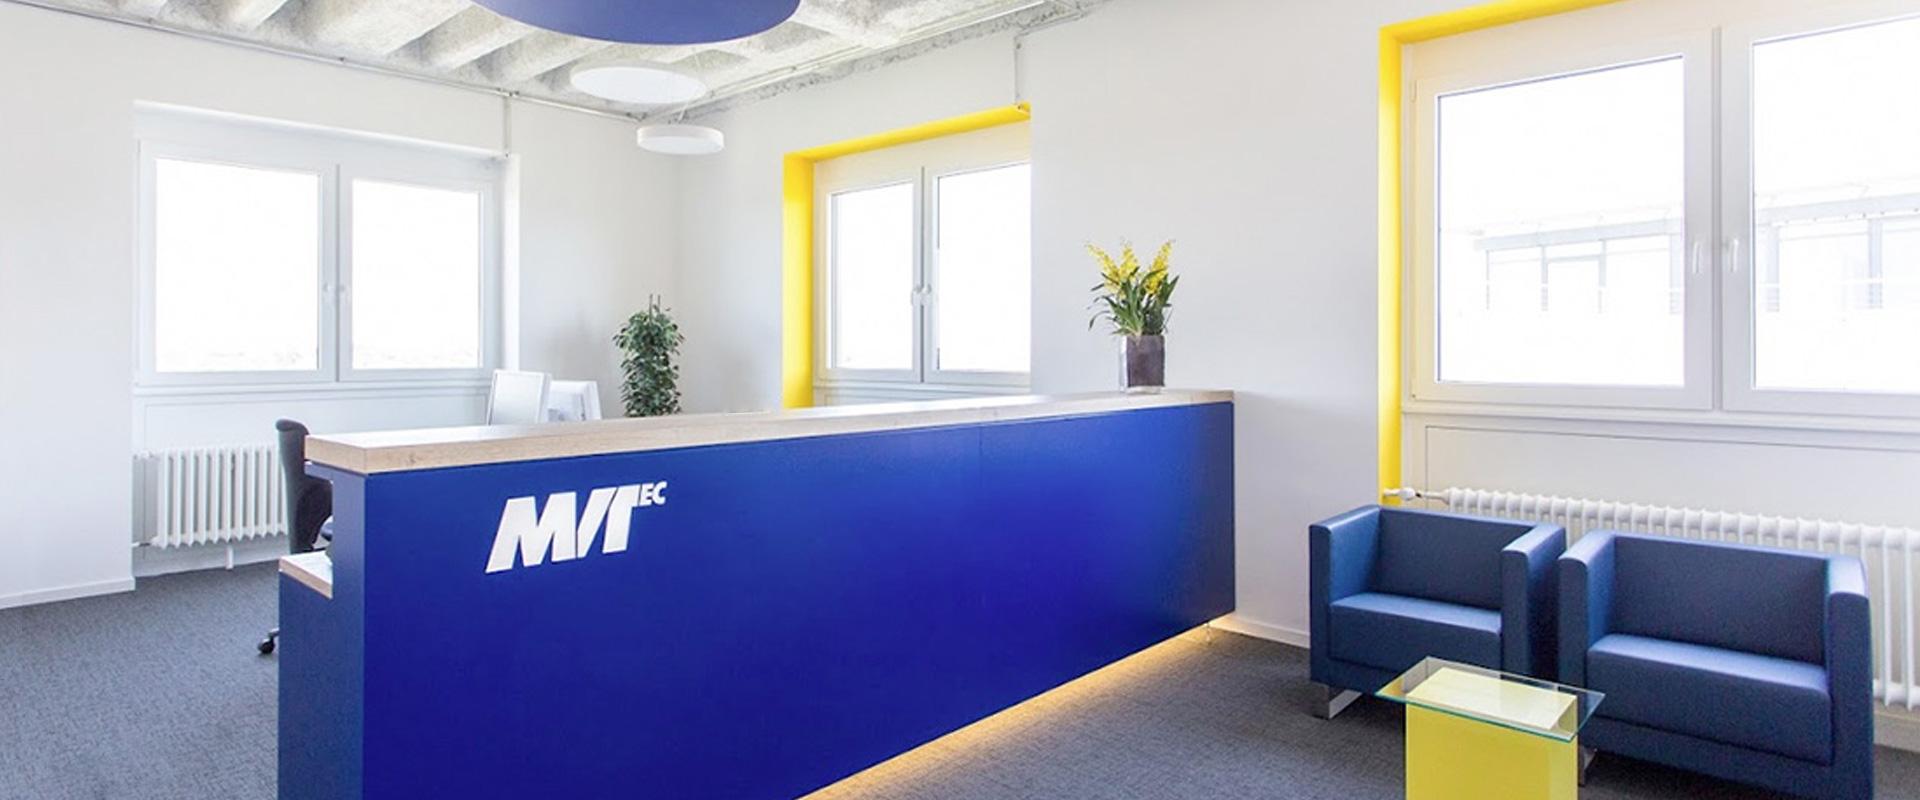 Interior Design, Empfangsraum MVTec GmbH